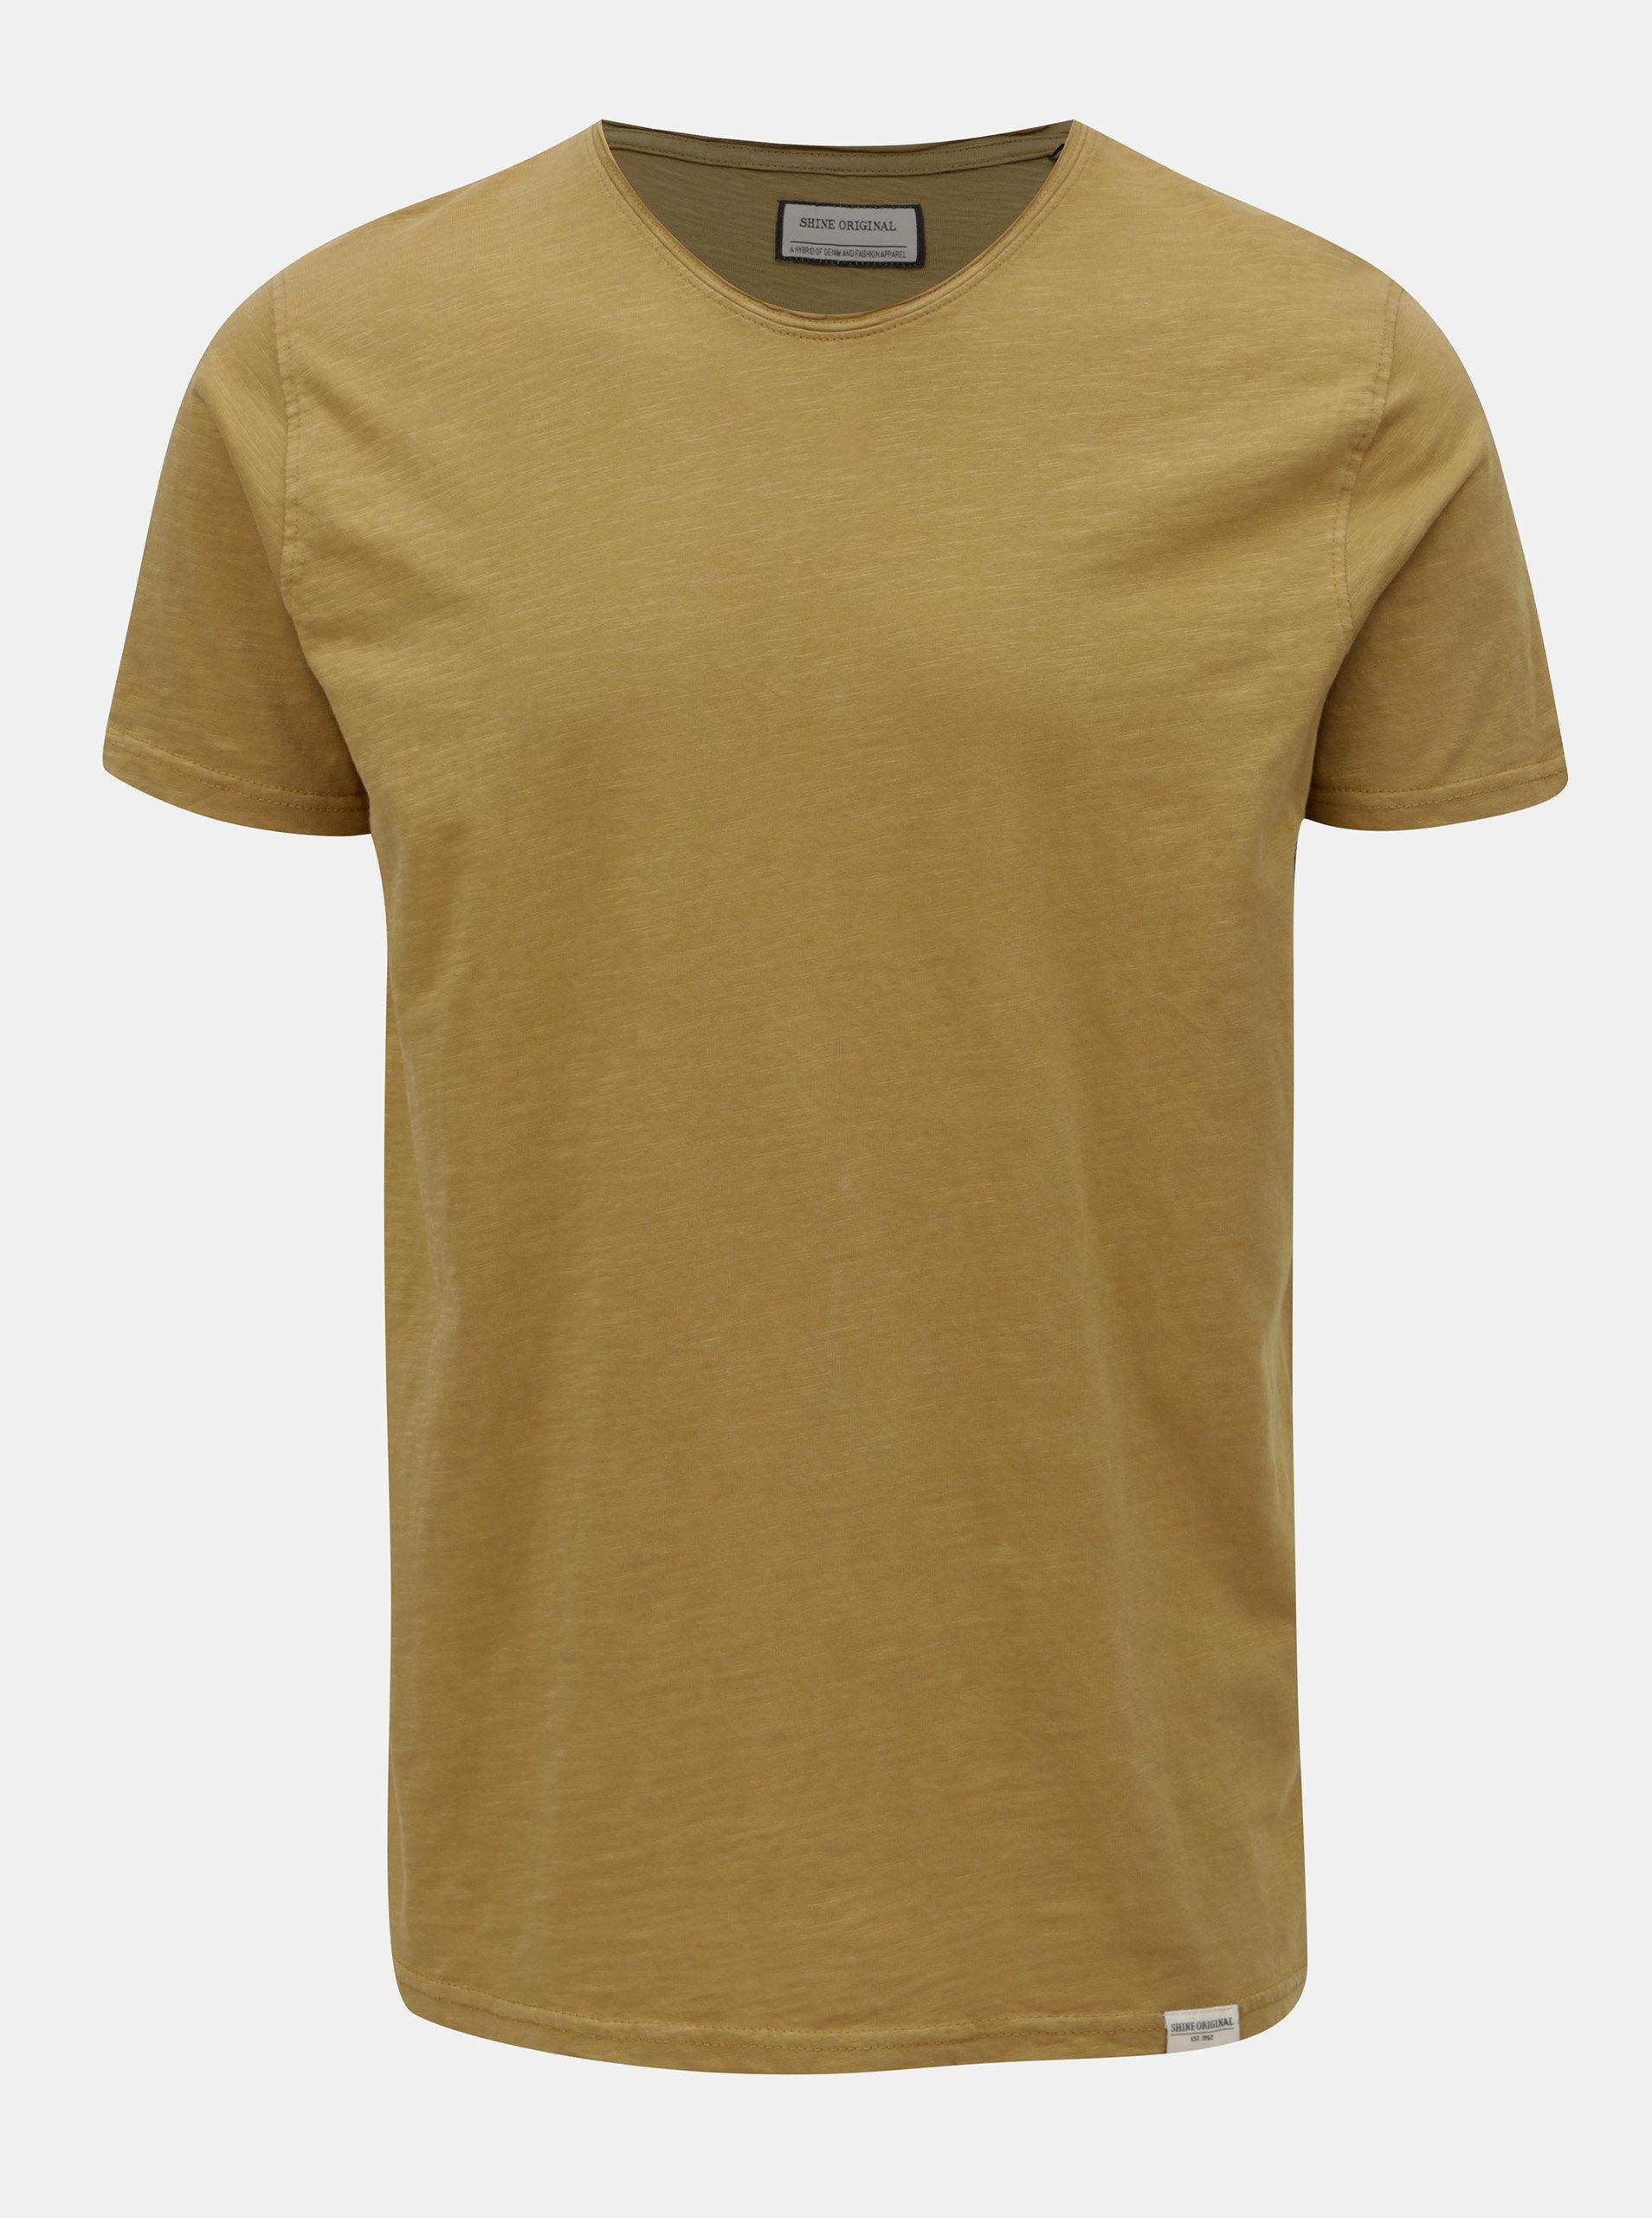 e08d15ec486b Horčicové basic tričko s krátkym rukávom Shine Original ...